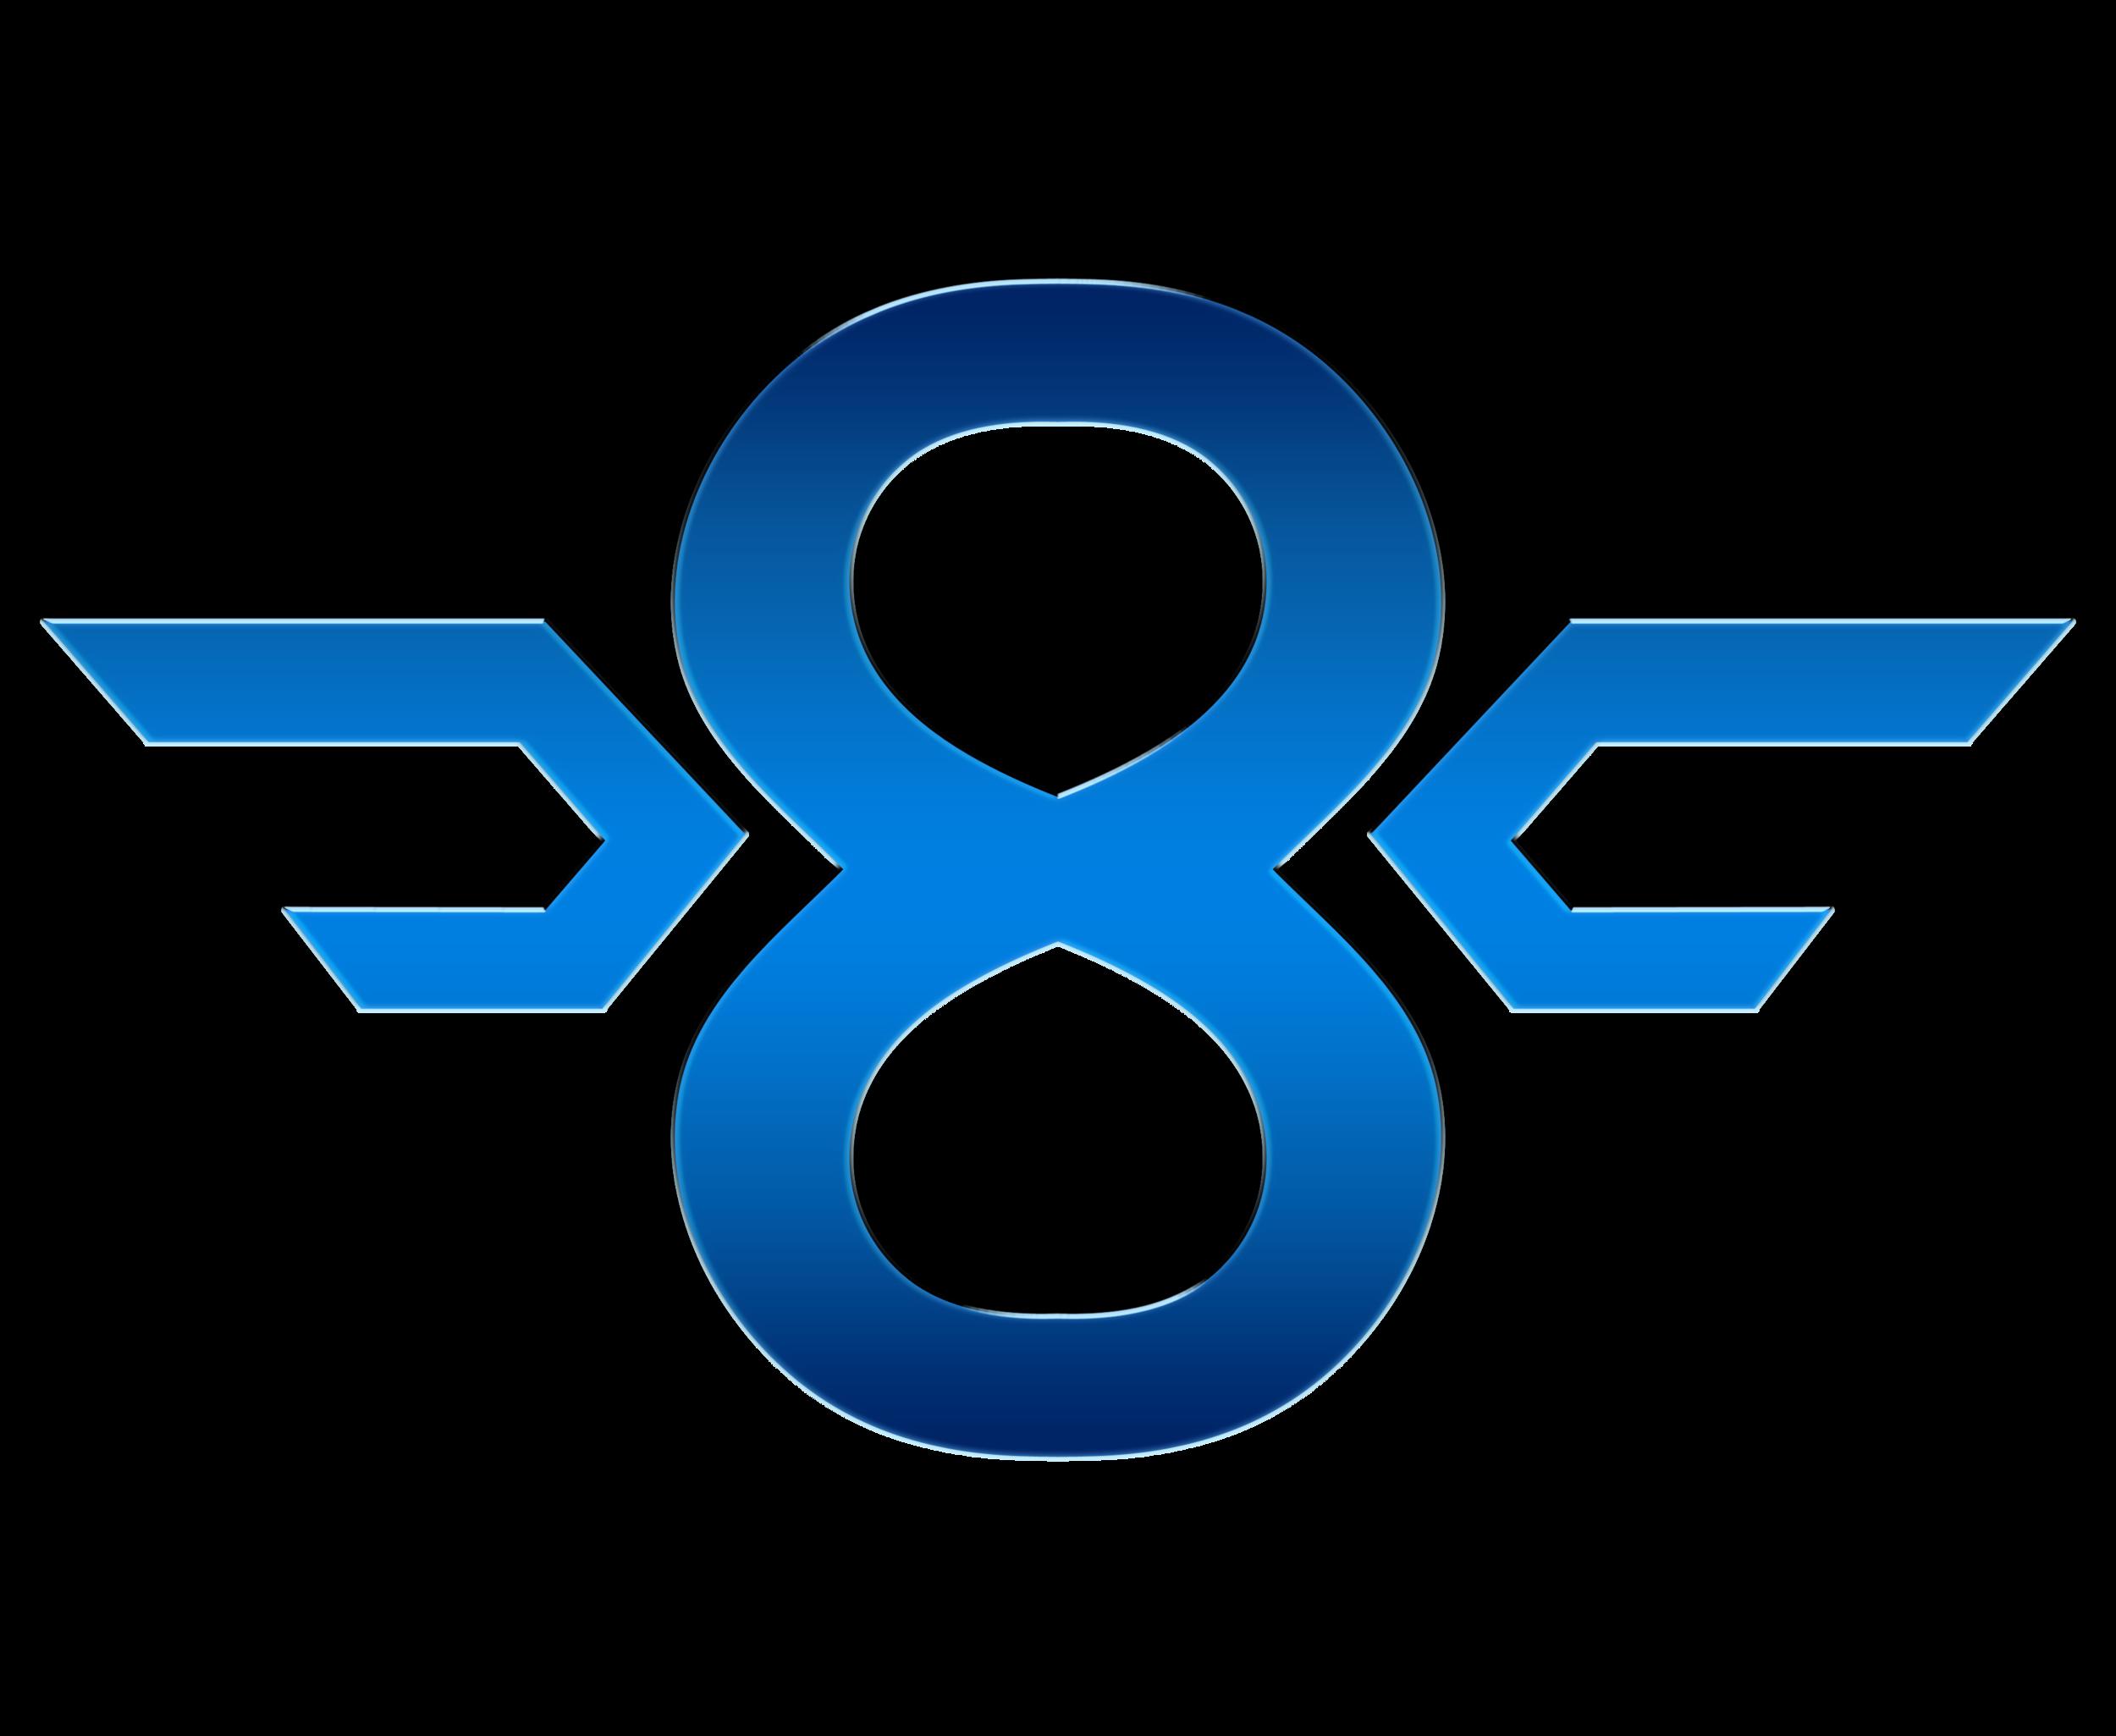 blue8-sharp-300-dpi-no-bg-1.png